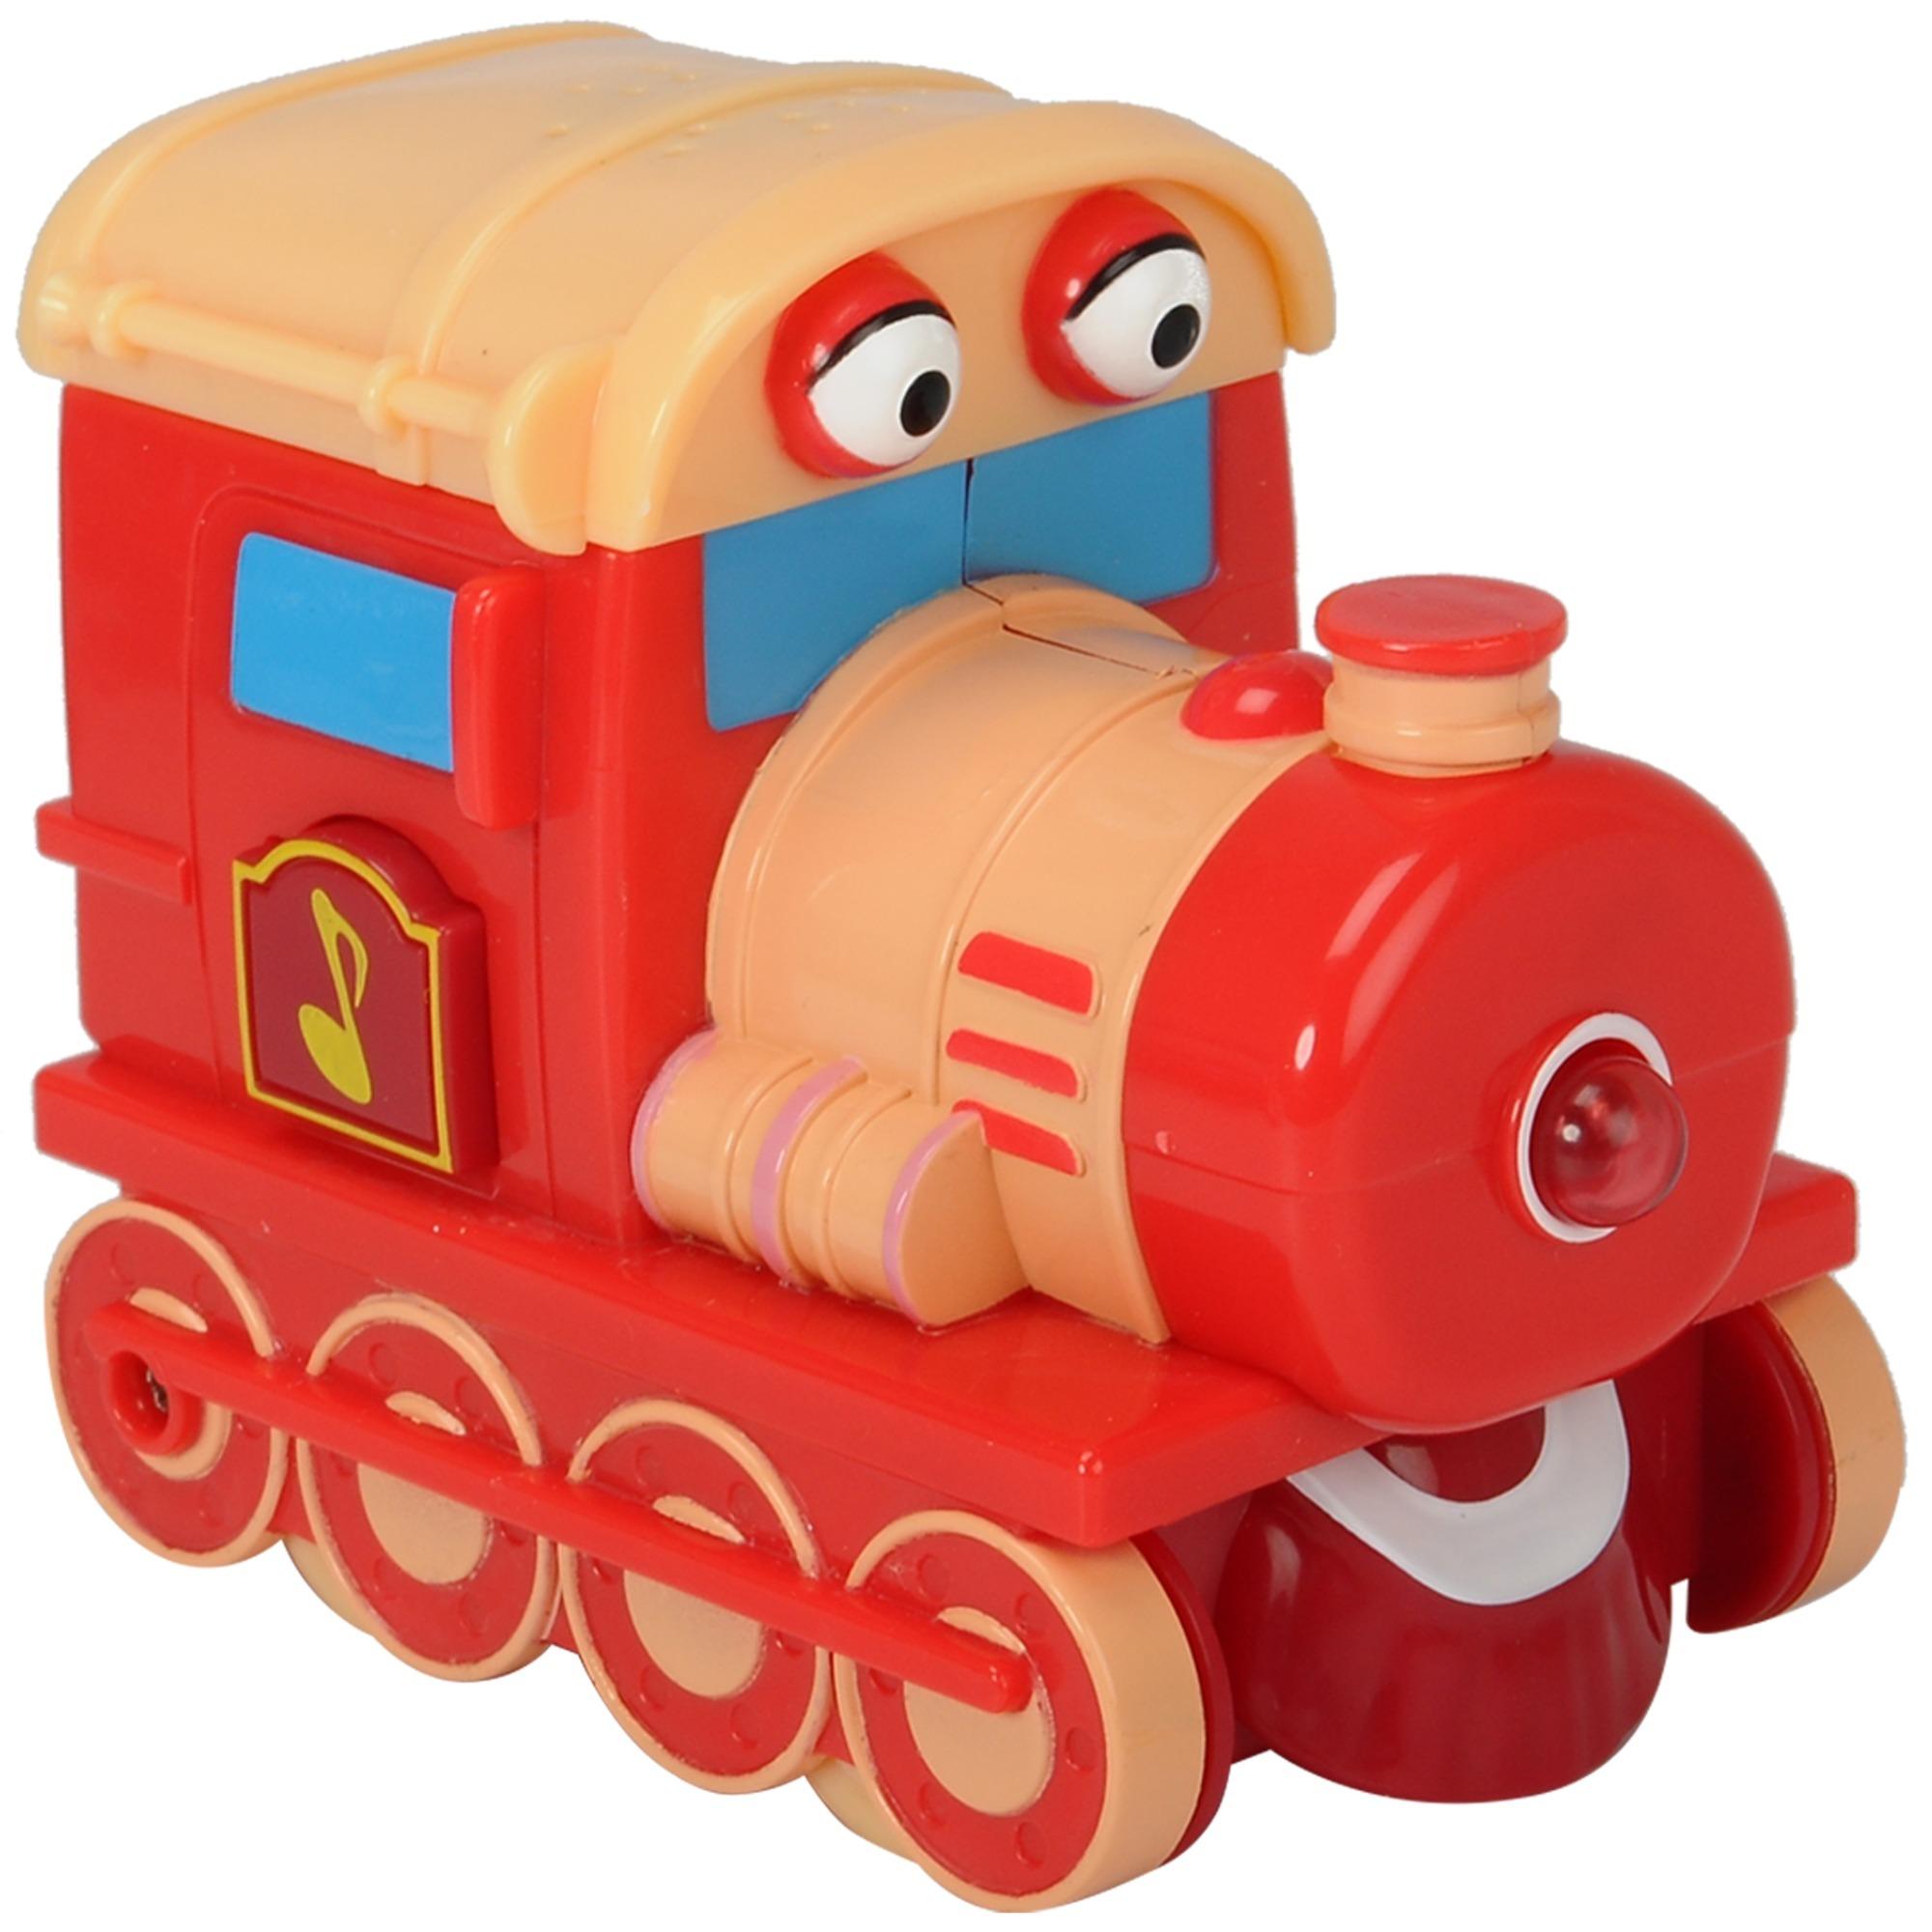 203121004, Vehículo de juguete